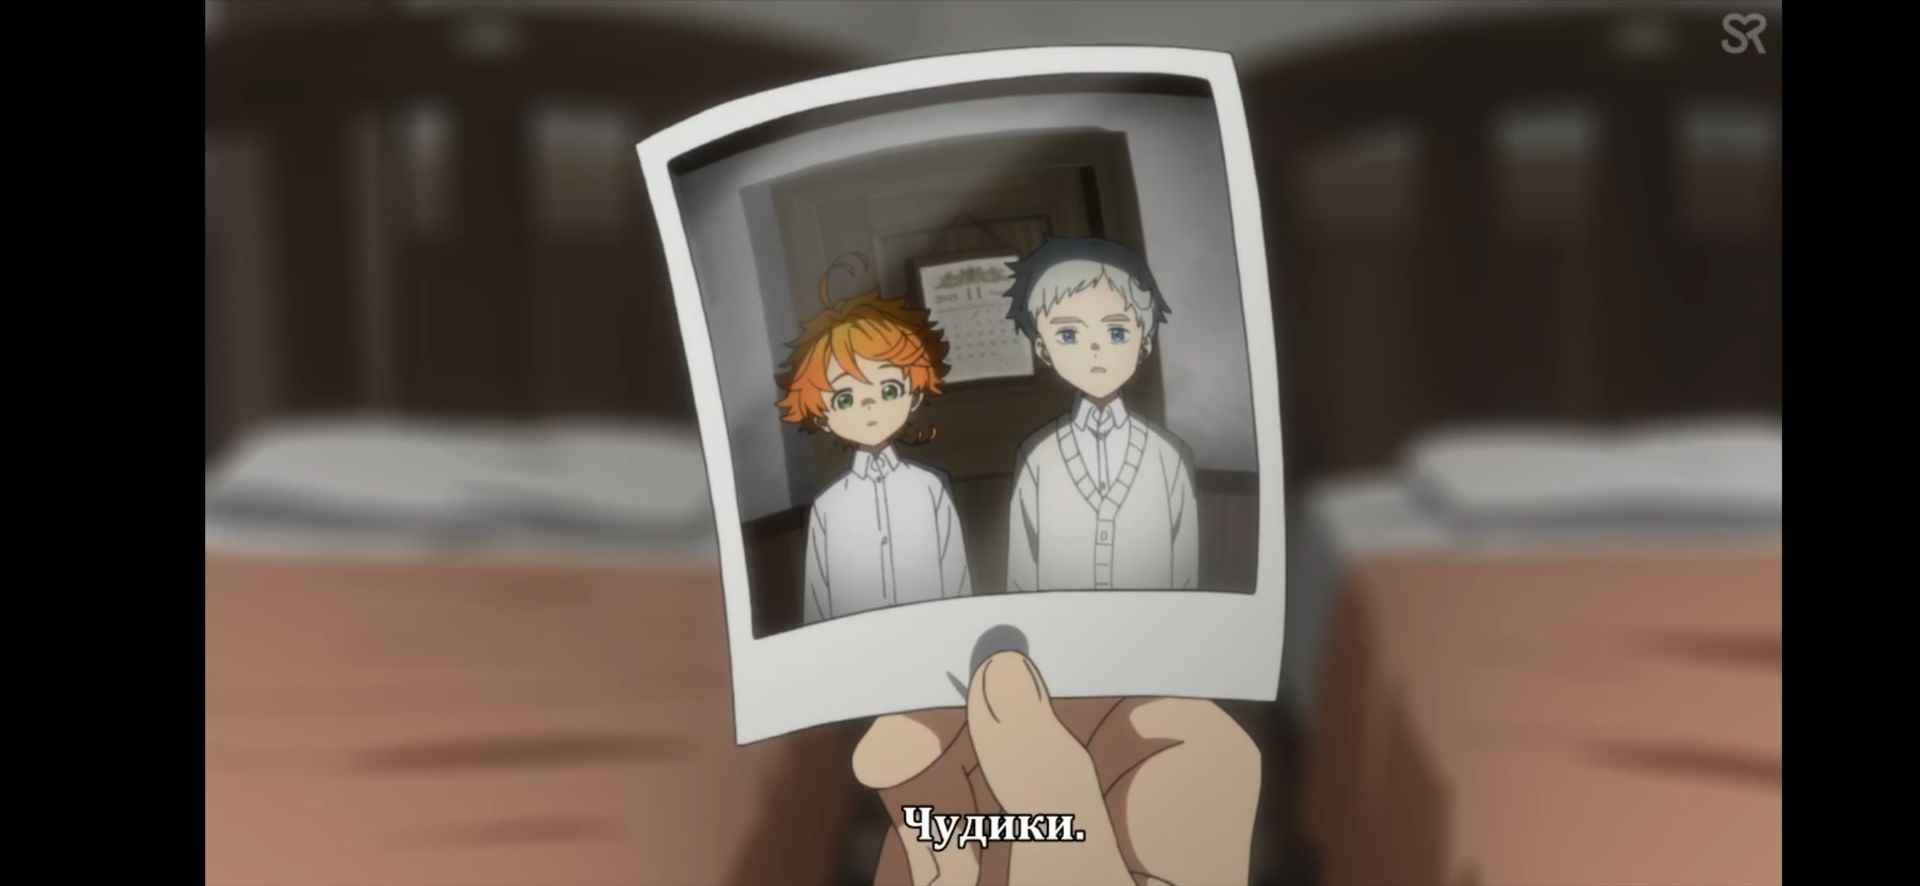 Прикольная эмма из аниме обещанный неверленд 04